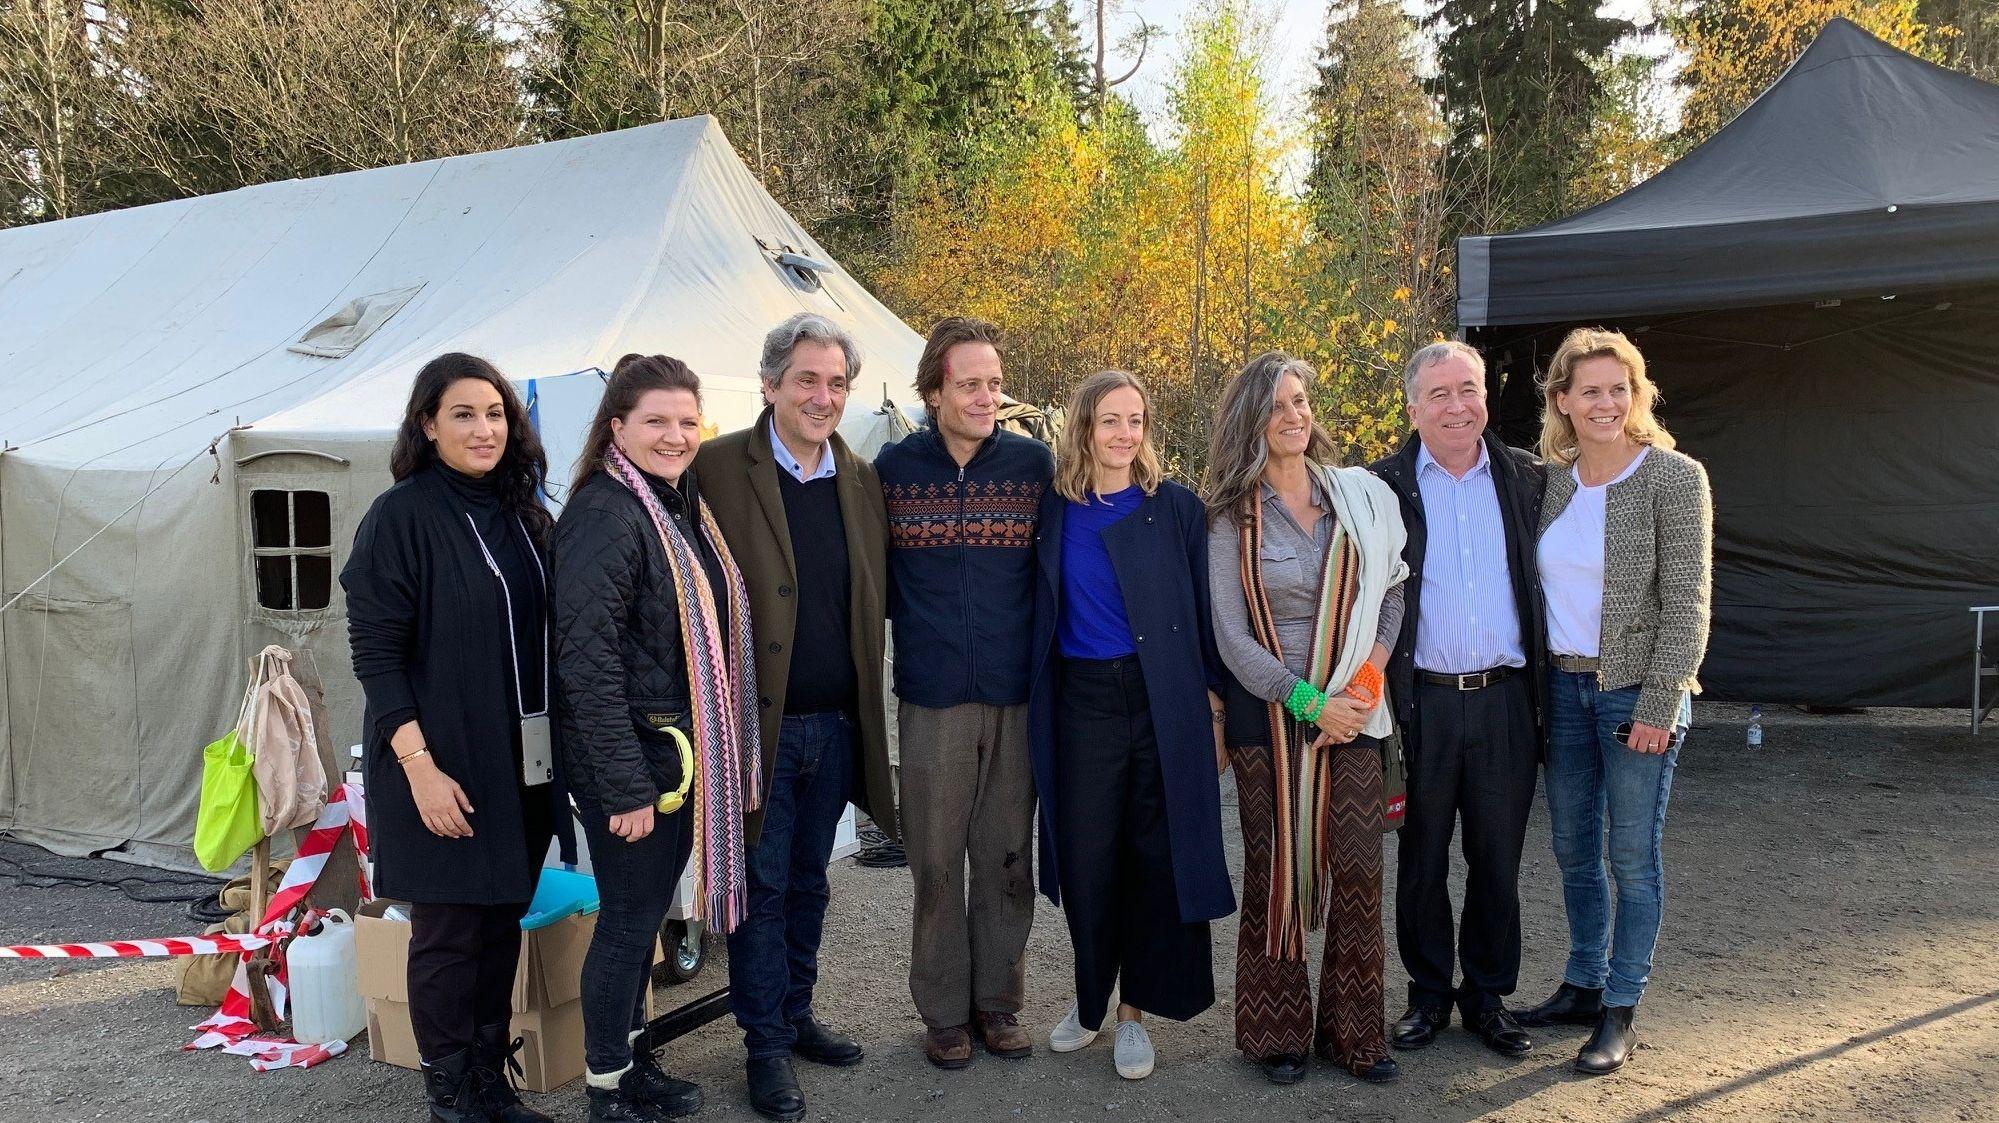 """Vor einem weißen Zelt stehen acht Frauen und Männer, die beim Filmprojekt """"Plan A"""" mitmachen, links im Bild die beiden Produzentinnen Minu Barati und Skady Lis."""